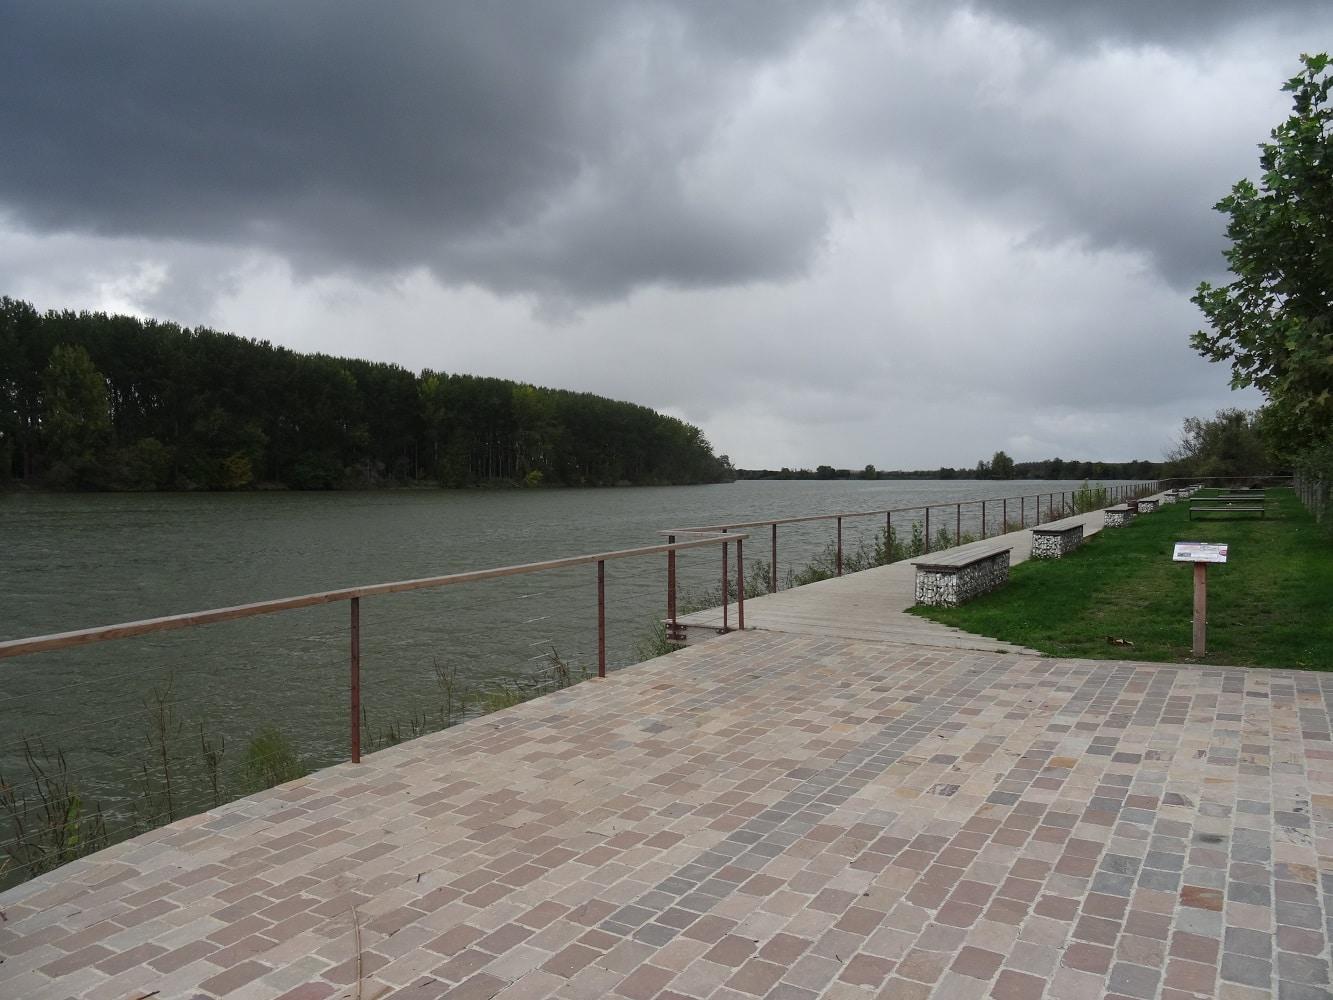 Le port aménagé de Langoiran, aux première loges pour observer le mascaret sur la Garonne